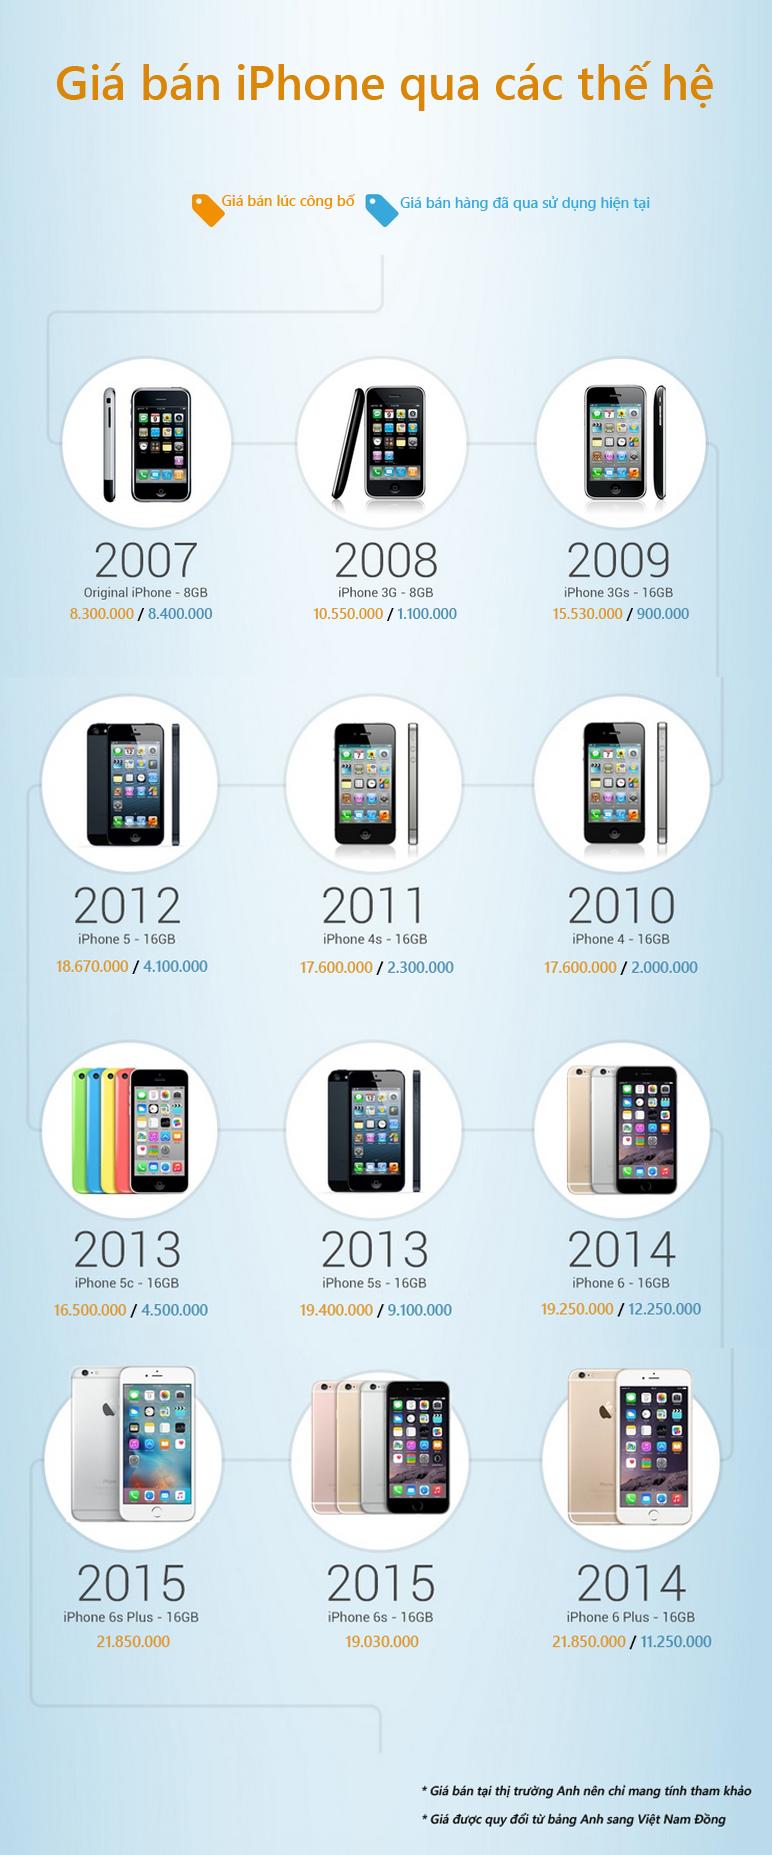 Giá bán iPhone thay đổi qua các thế hệ